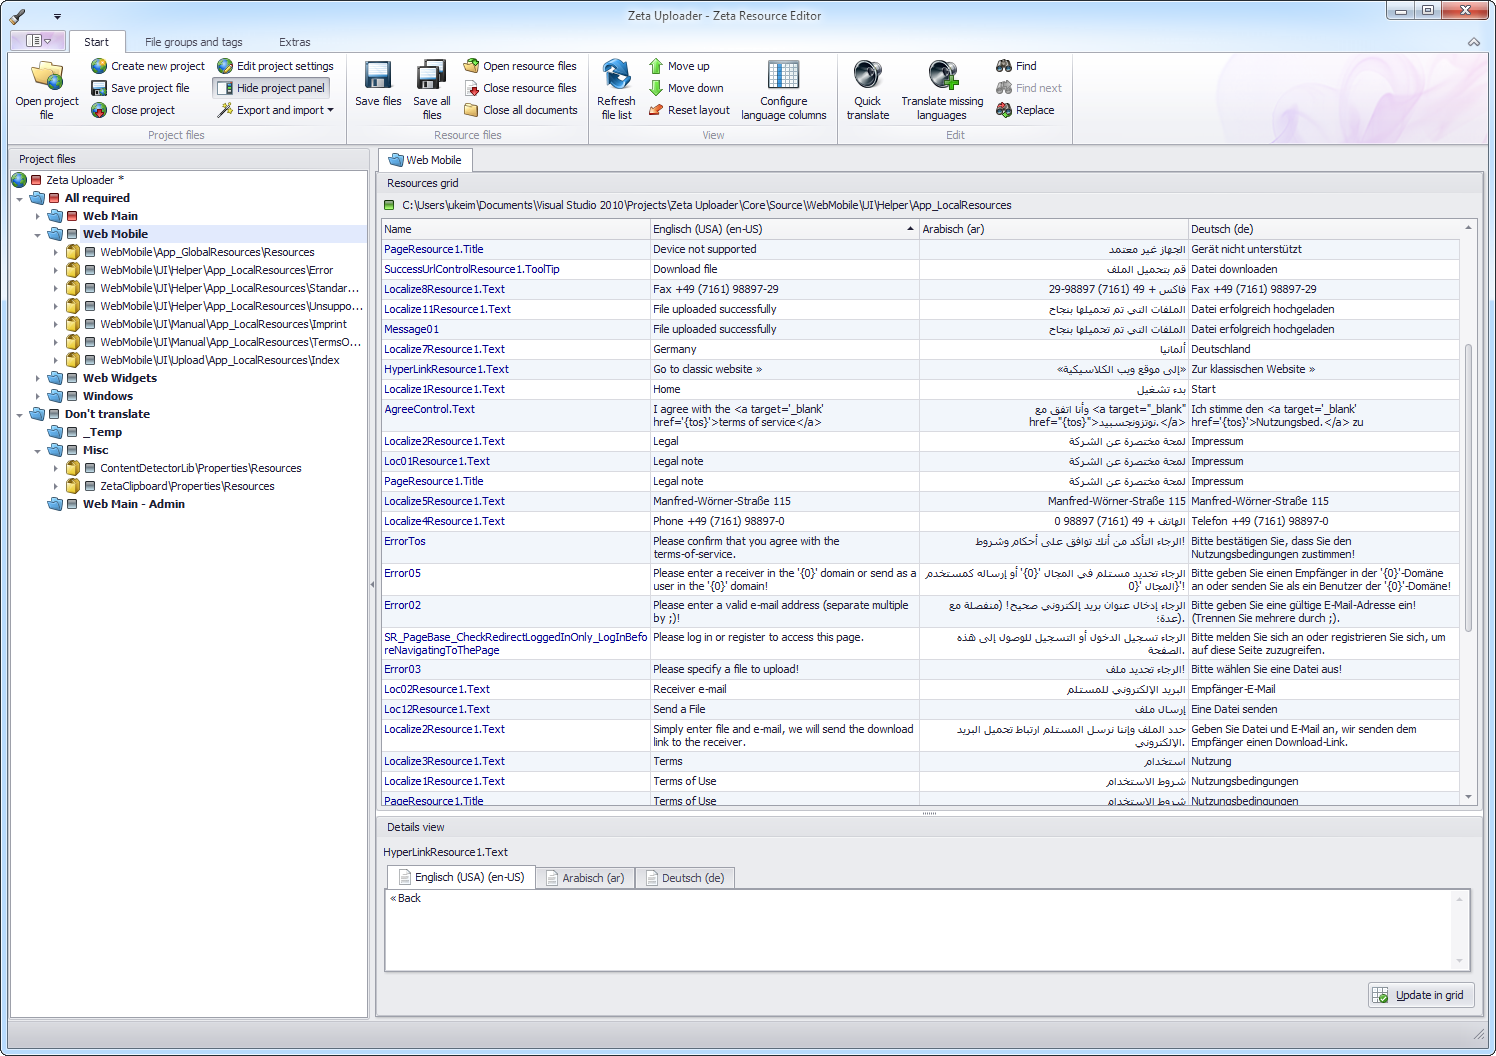 Xn resource editor.